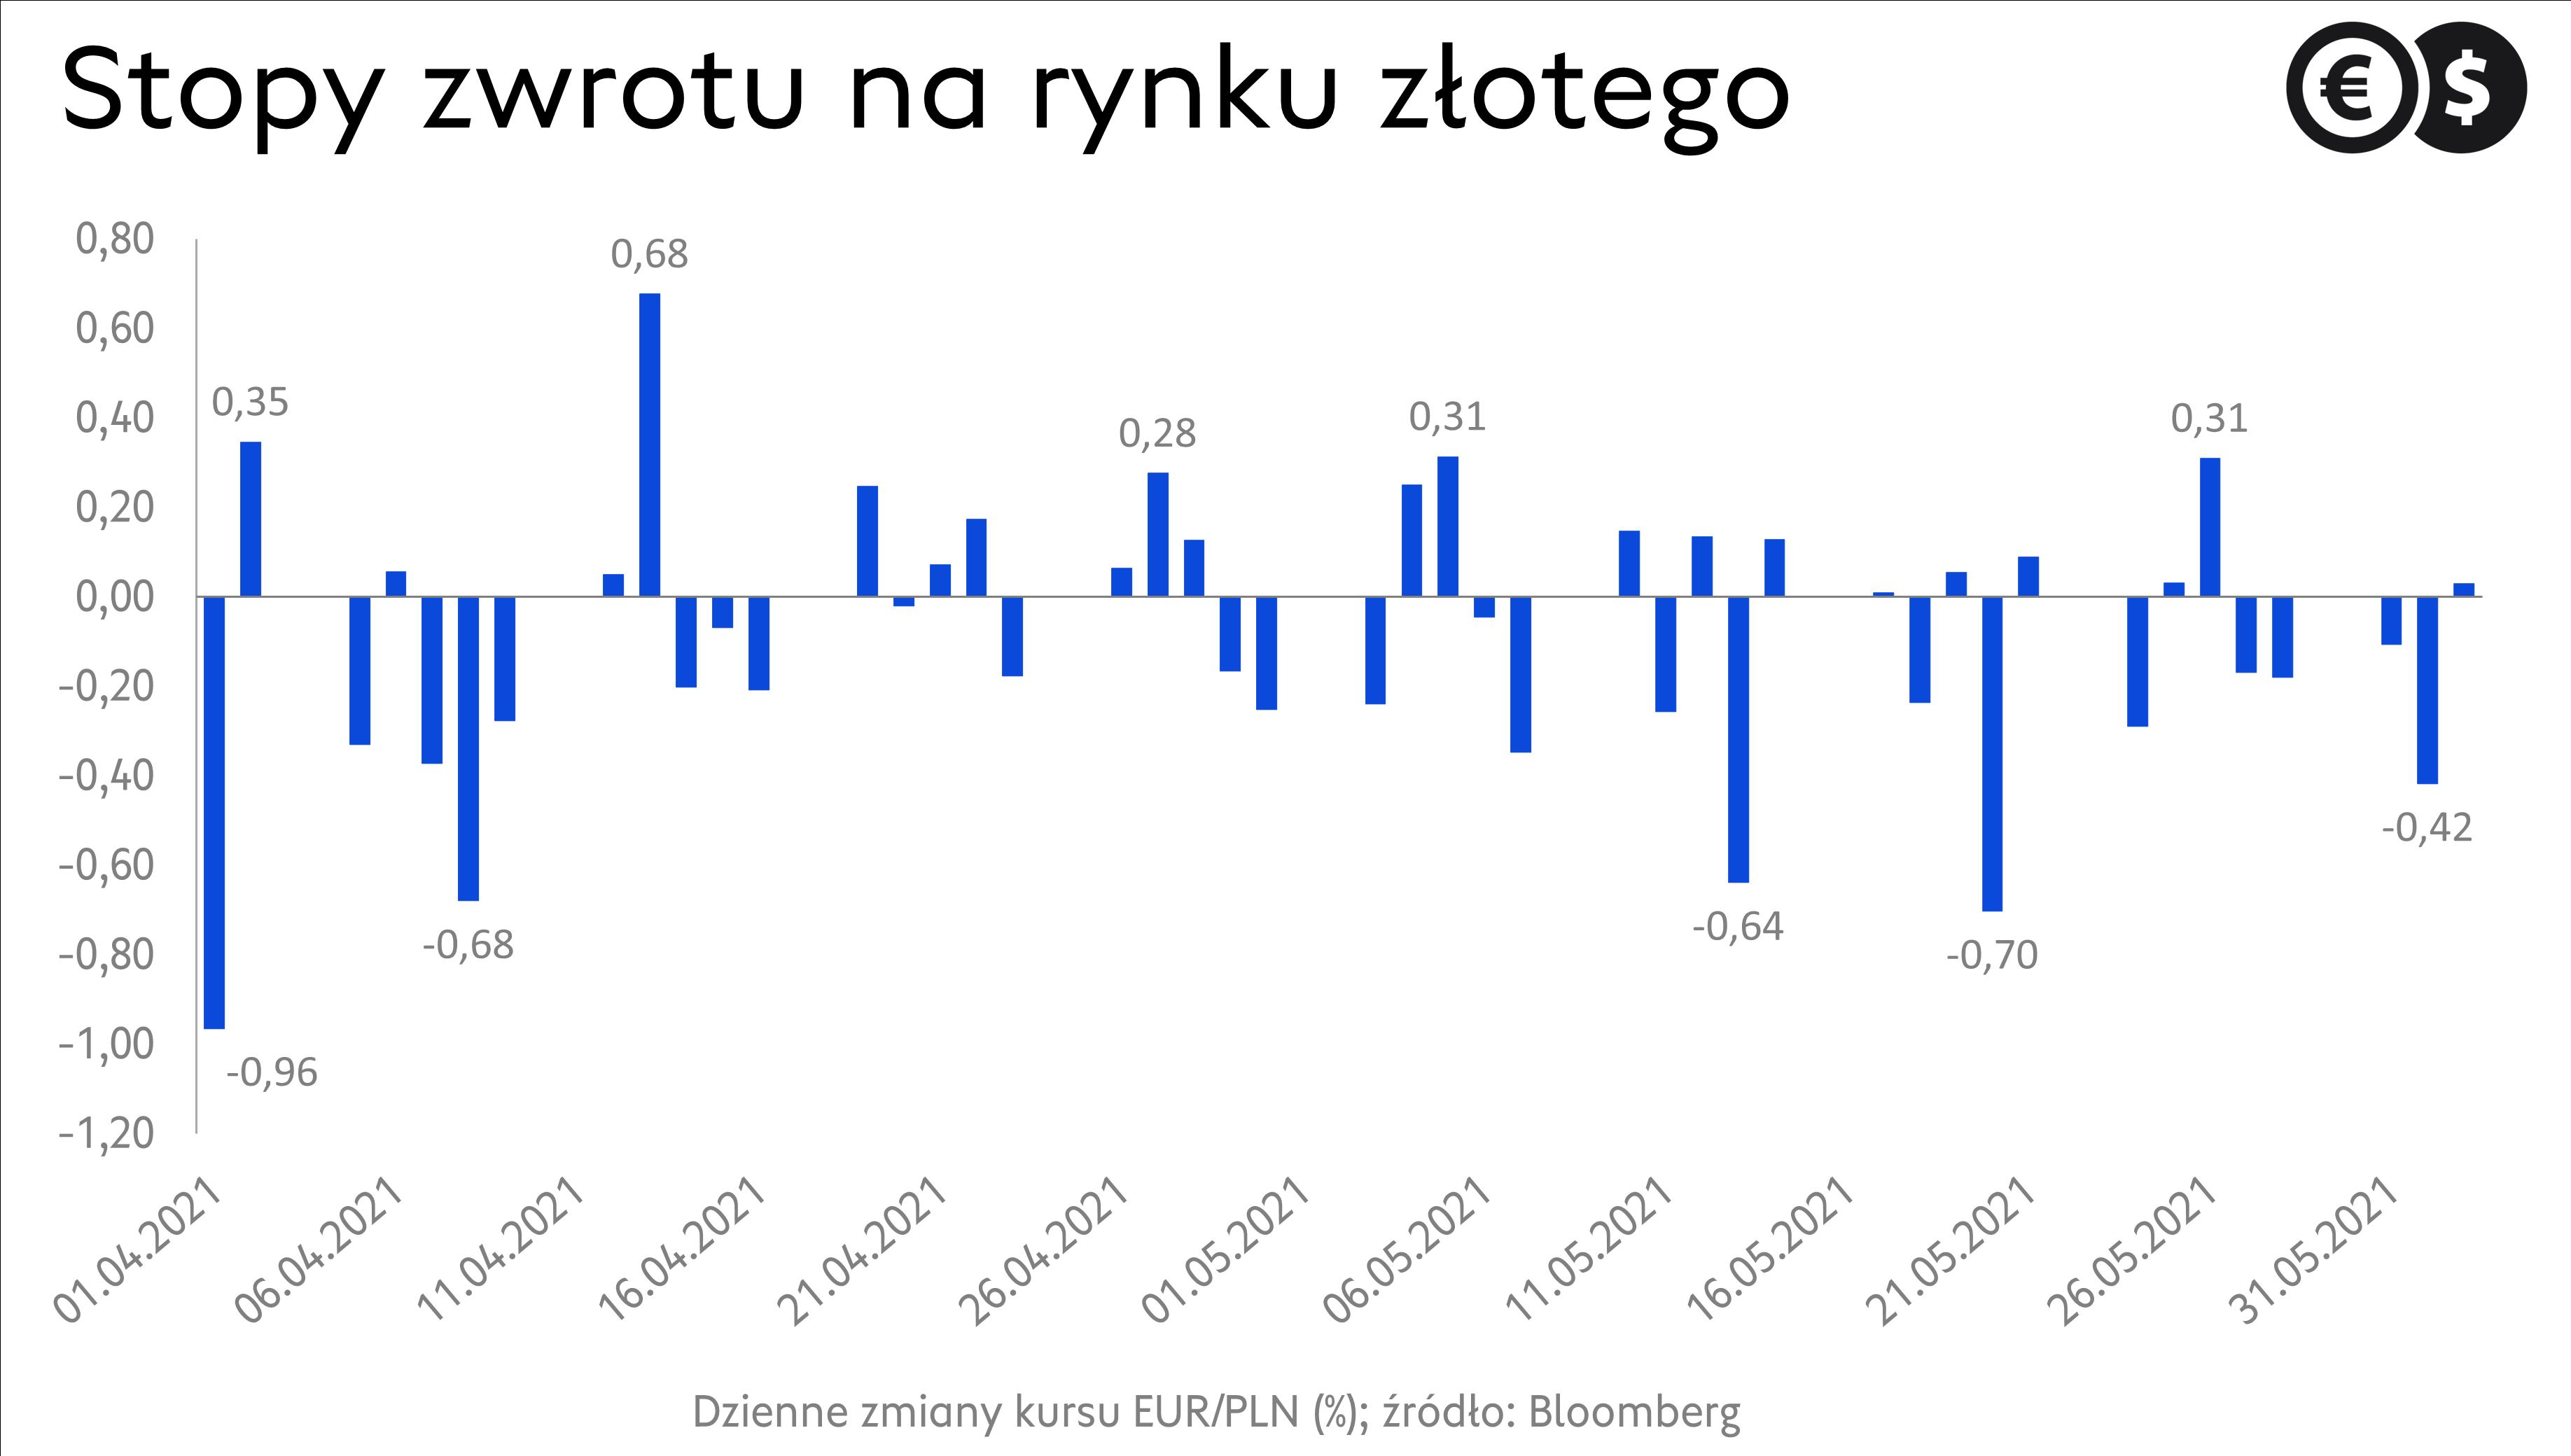 Kurs EUR/PLN - dzienne zmiany procentowe; źródło: Bloomberg.